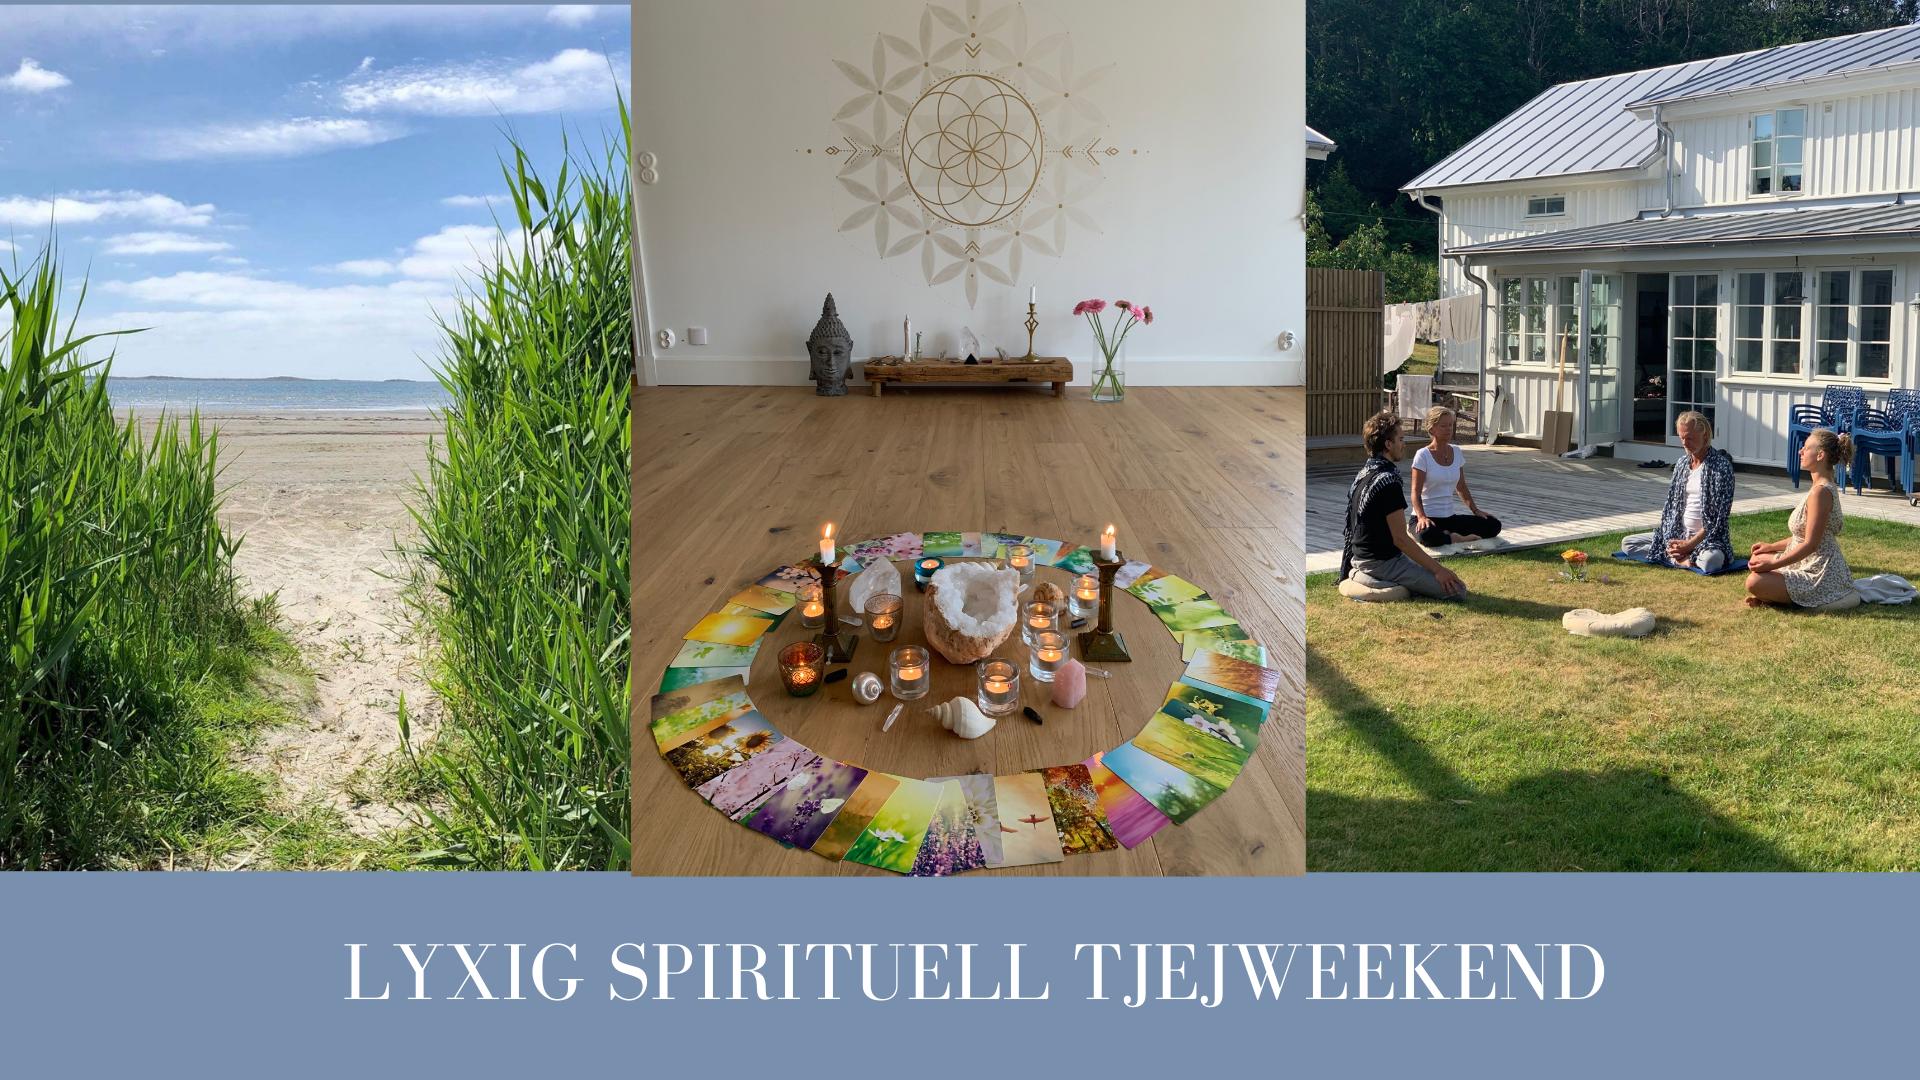 Lyxig spirituell tjejweekend